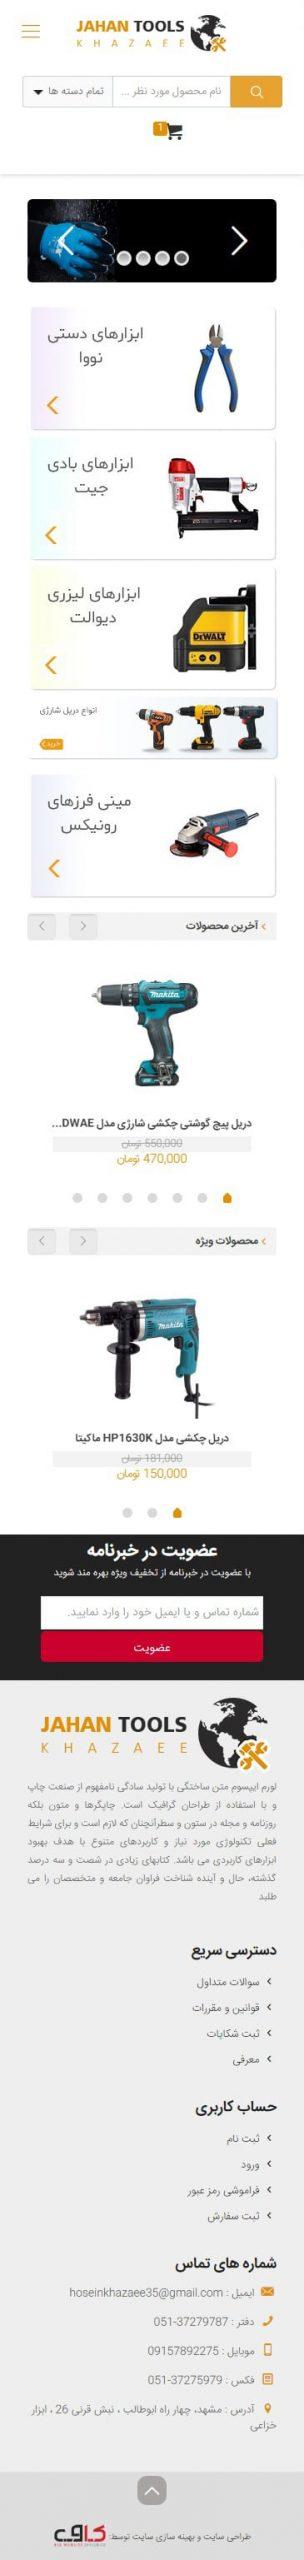 طراحی سایت فروشگاهی ابزارآلات